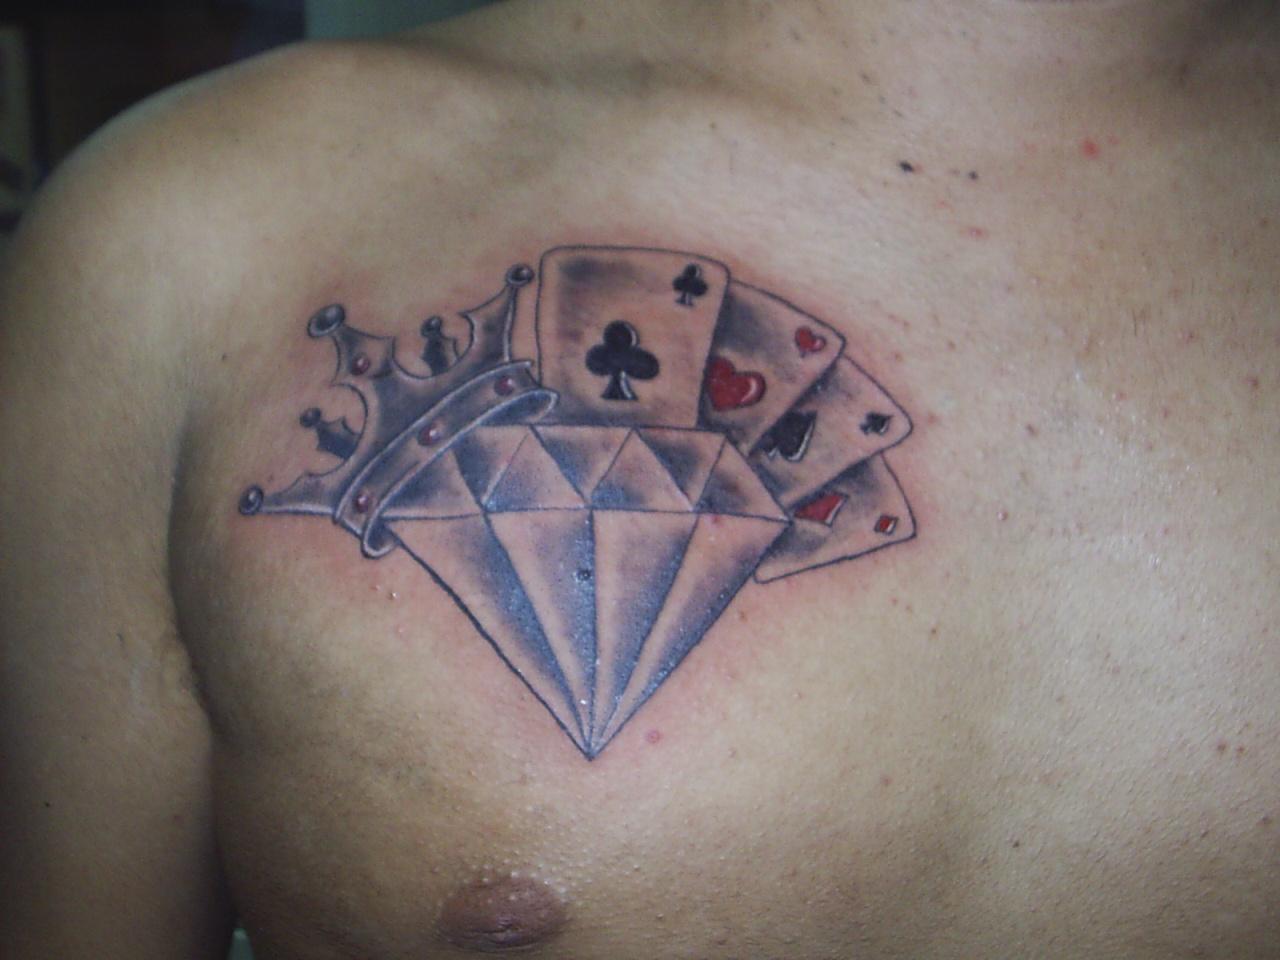 Conhecido Tattoo do Pedro, diamante com coroa e cartas | Cultura e Liberdade NP81